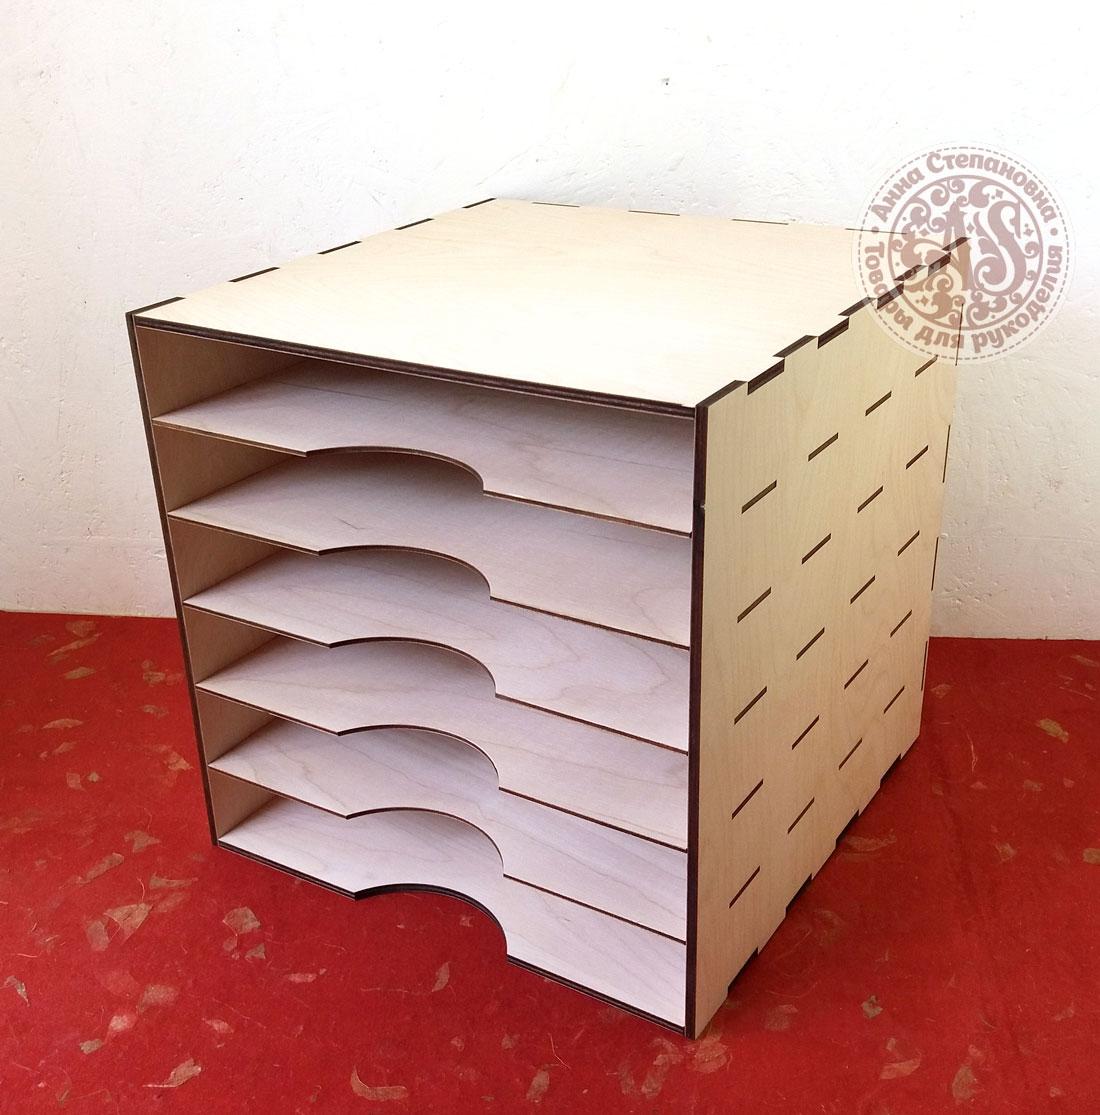 Стеллаж органайзер для хранения скрапбумаги